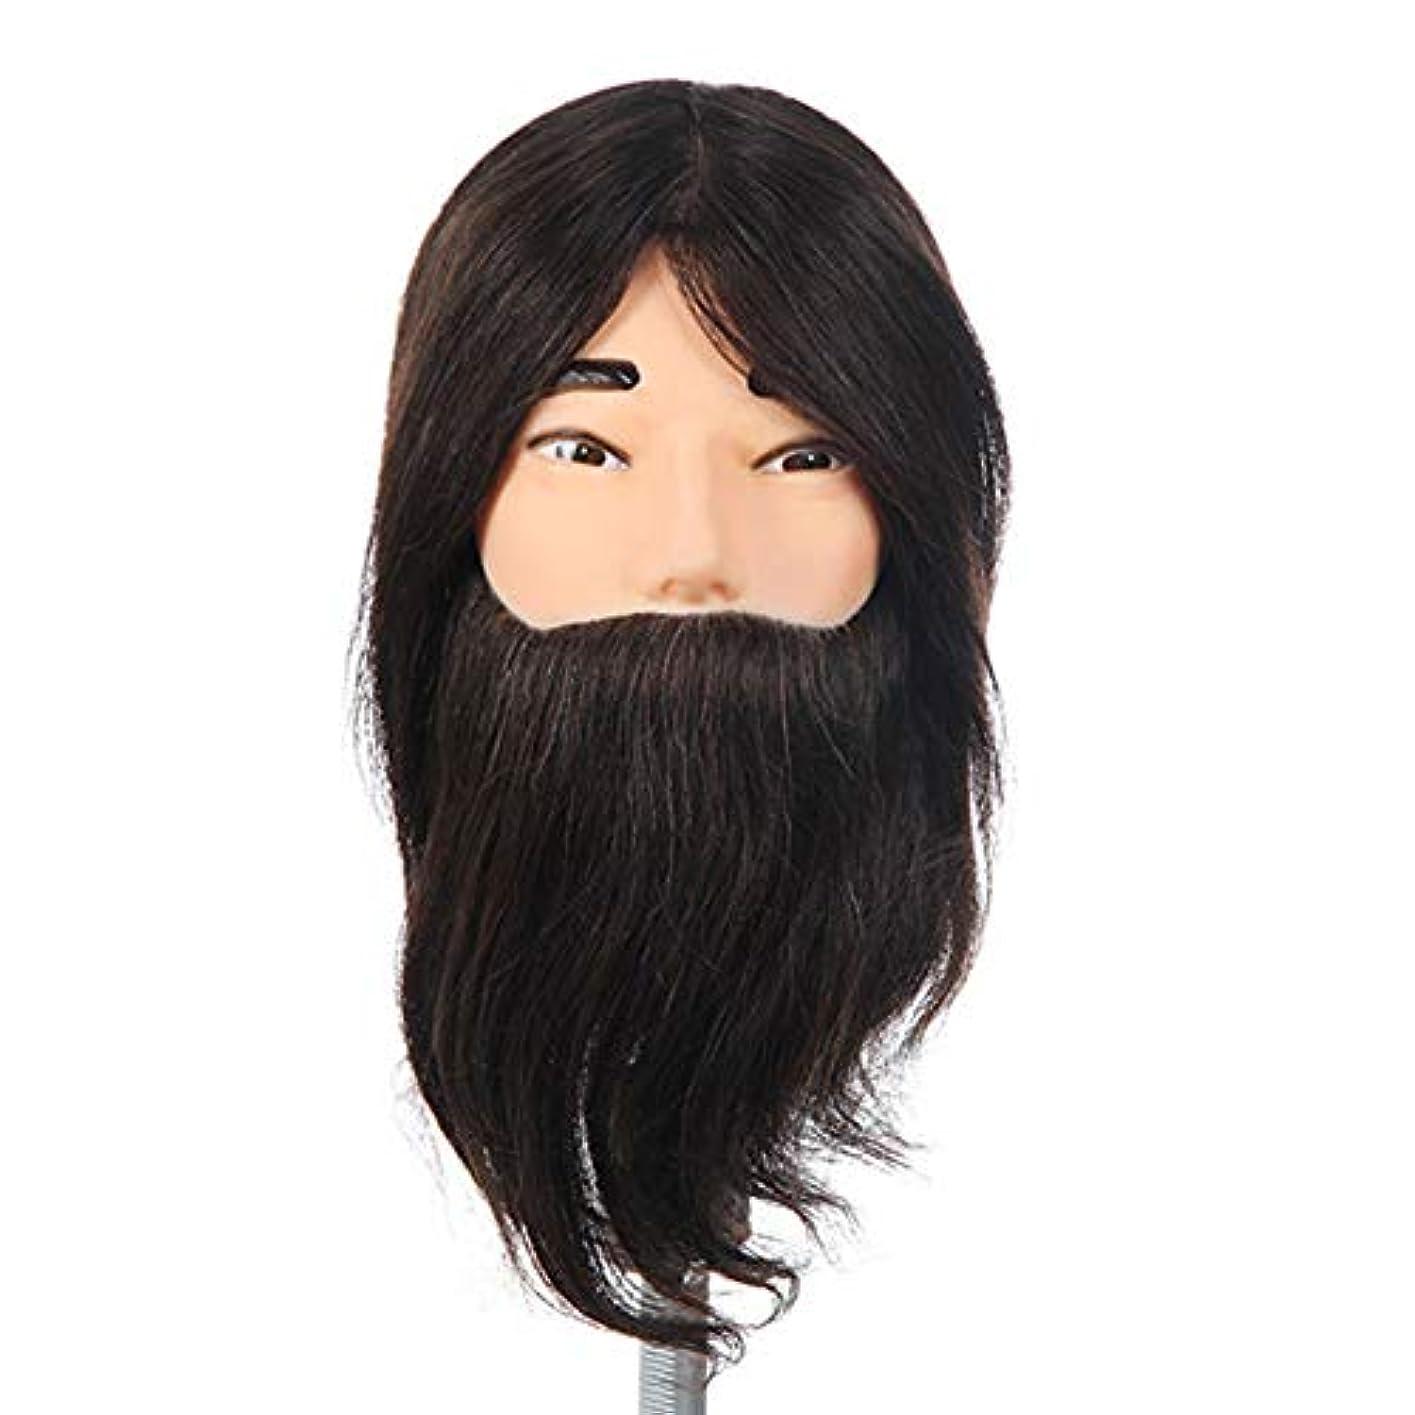 レンド緑樹皮男性の本物の髪ショートヘアダミーヘッド理髪店トリミングひげヘアカットの練習マネキン理髪学校専用のトレーニングヘッド